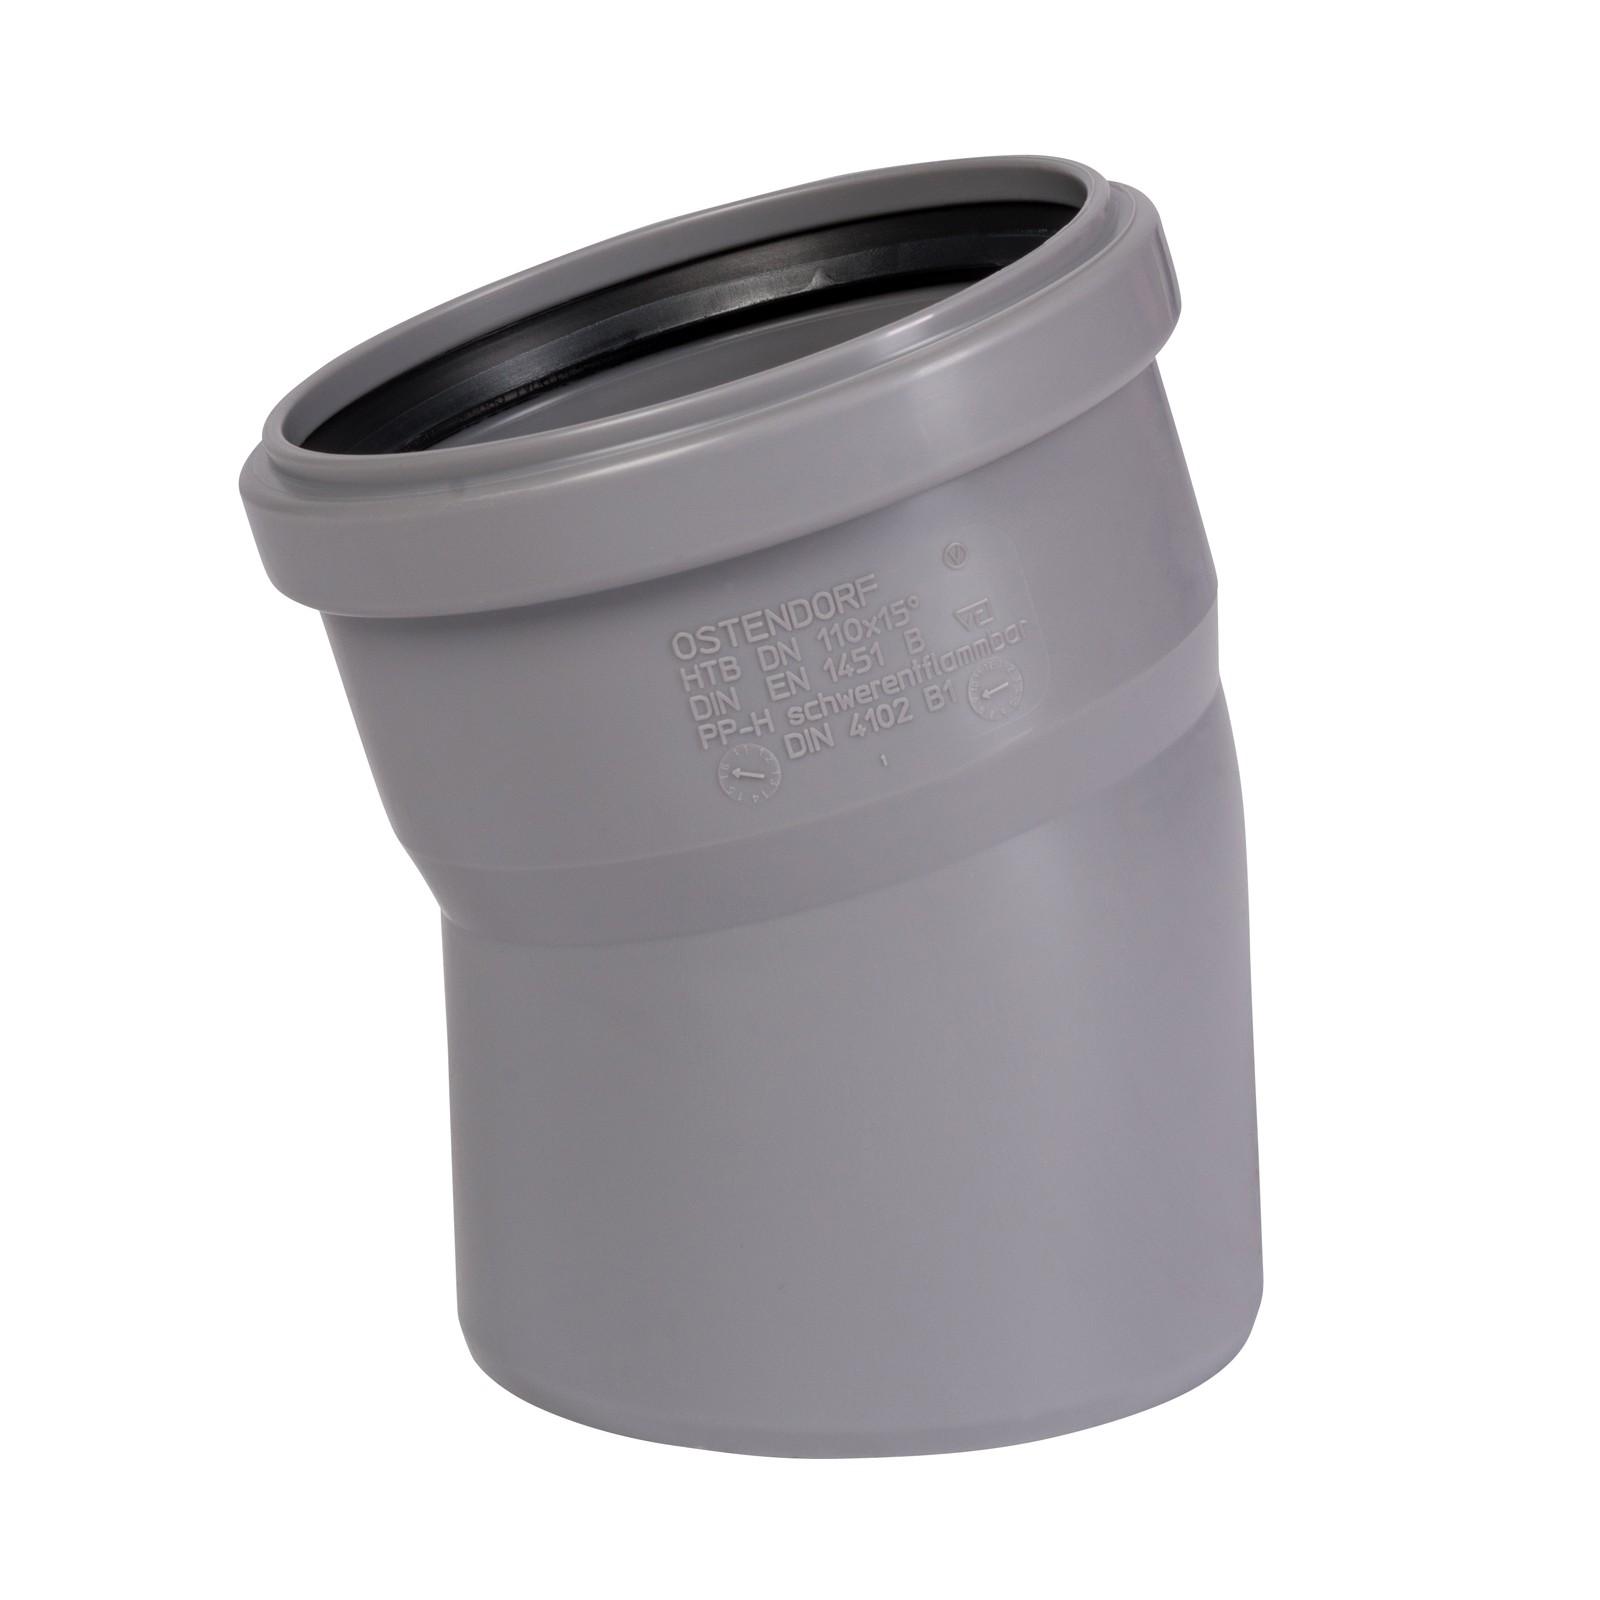 Ht bogen dn110 15 rohr 100mm kunststoff abwasserrohr grau - Abwasserrohr durchmesser tabelle ...